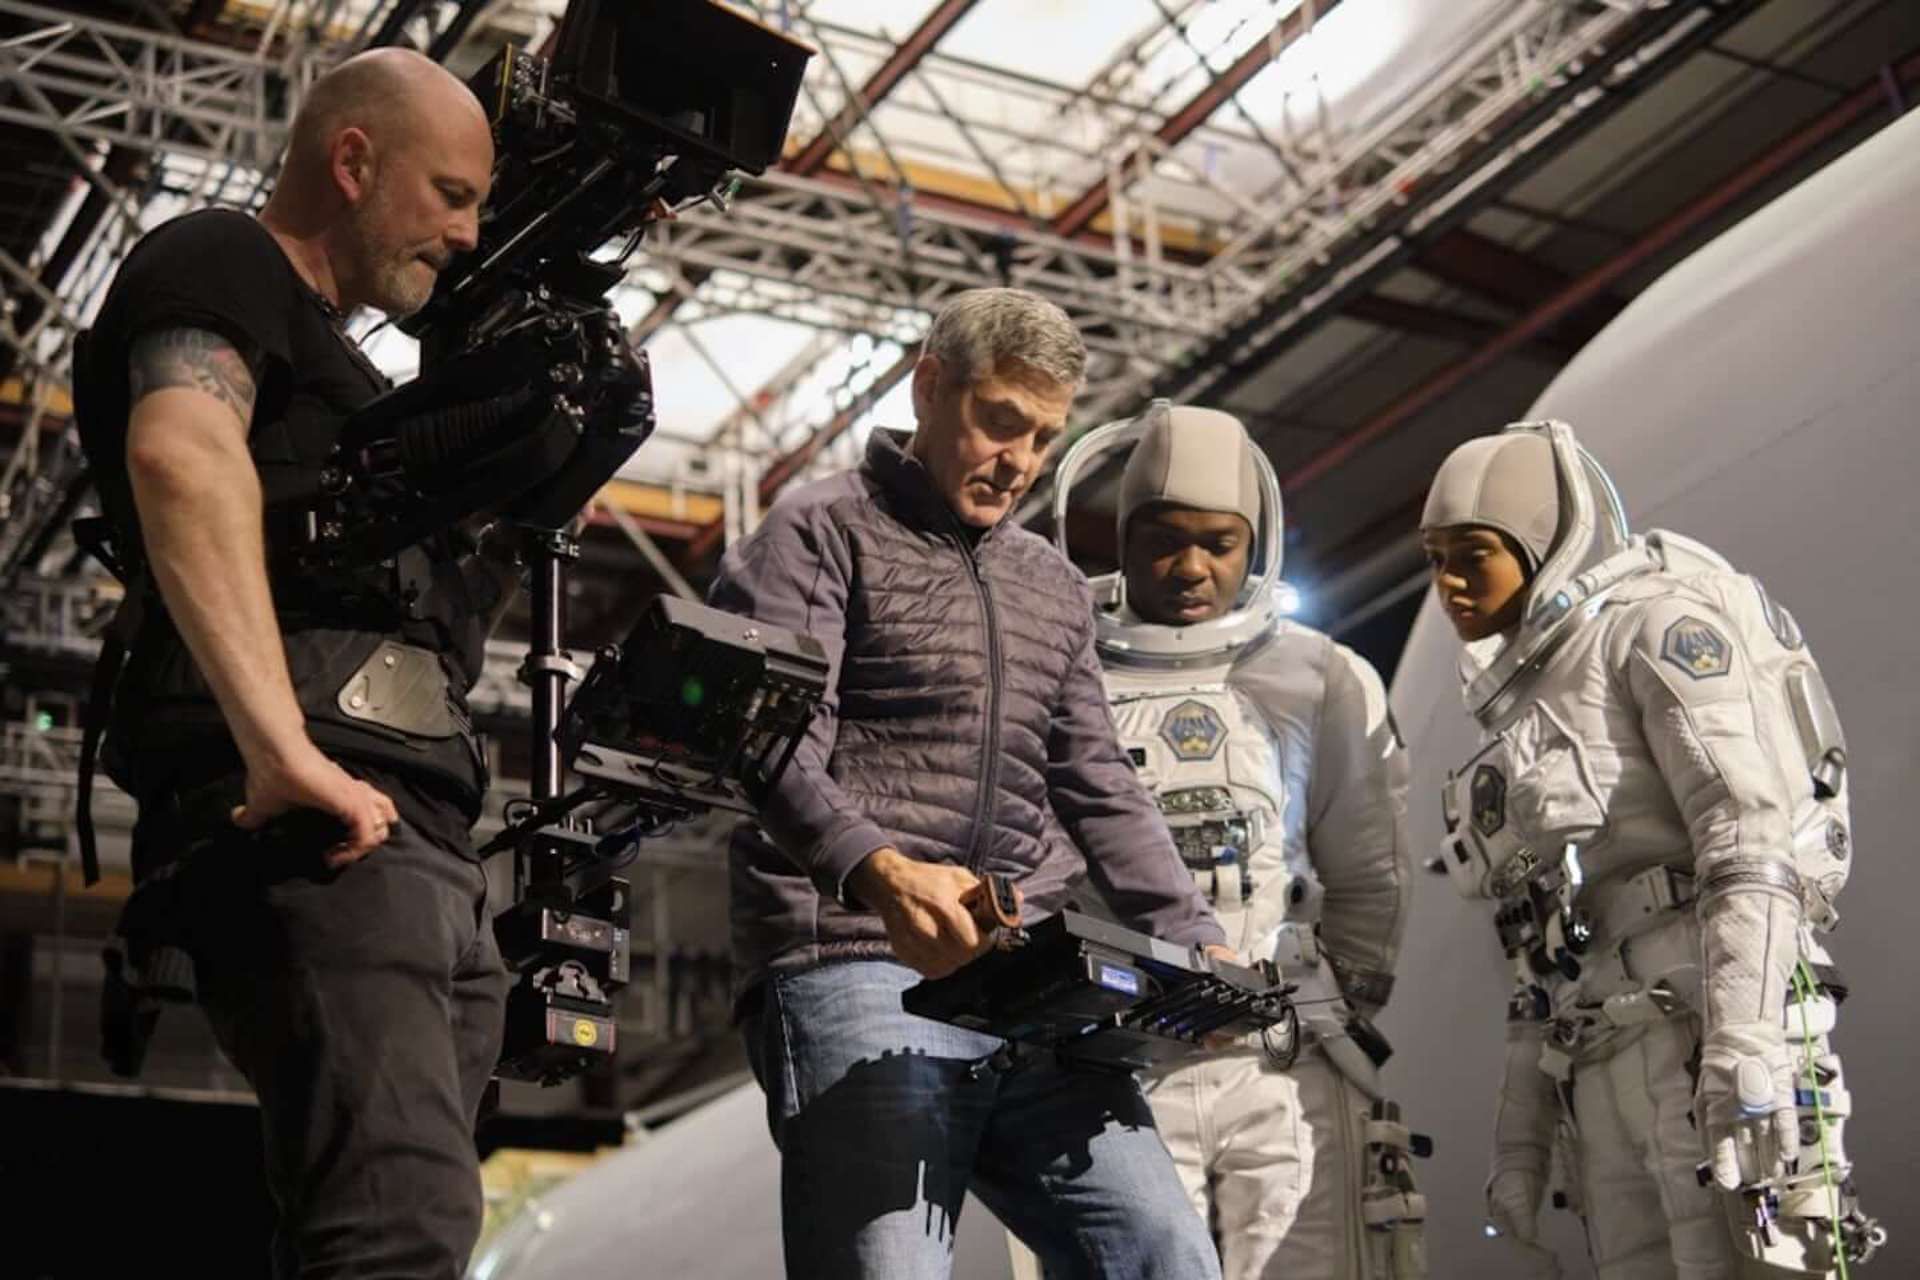 ジョージ・クルーニーが「危険な撮影だった」と語る氷上でのスタントとは…Netflix映画『ミッドナイト・スカイ』本編映像が解禁 film201221_midnightsky_3-1920x1280